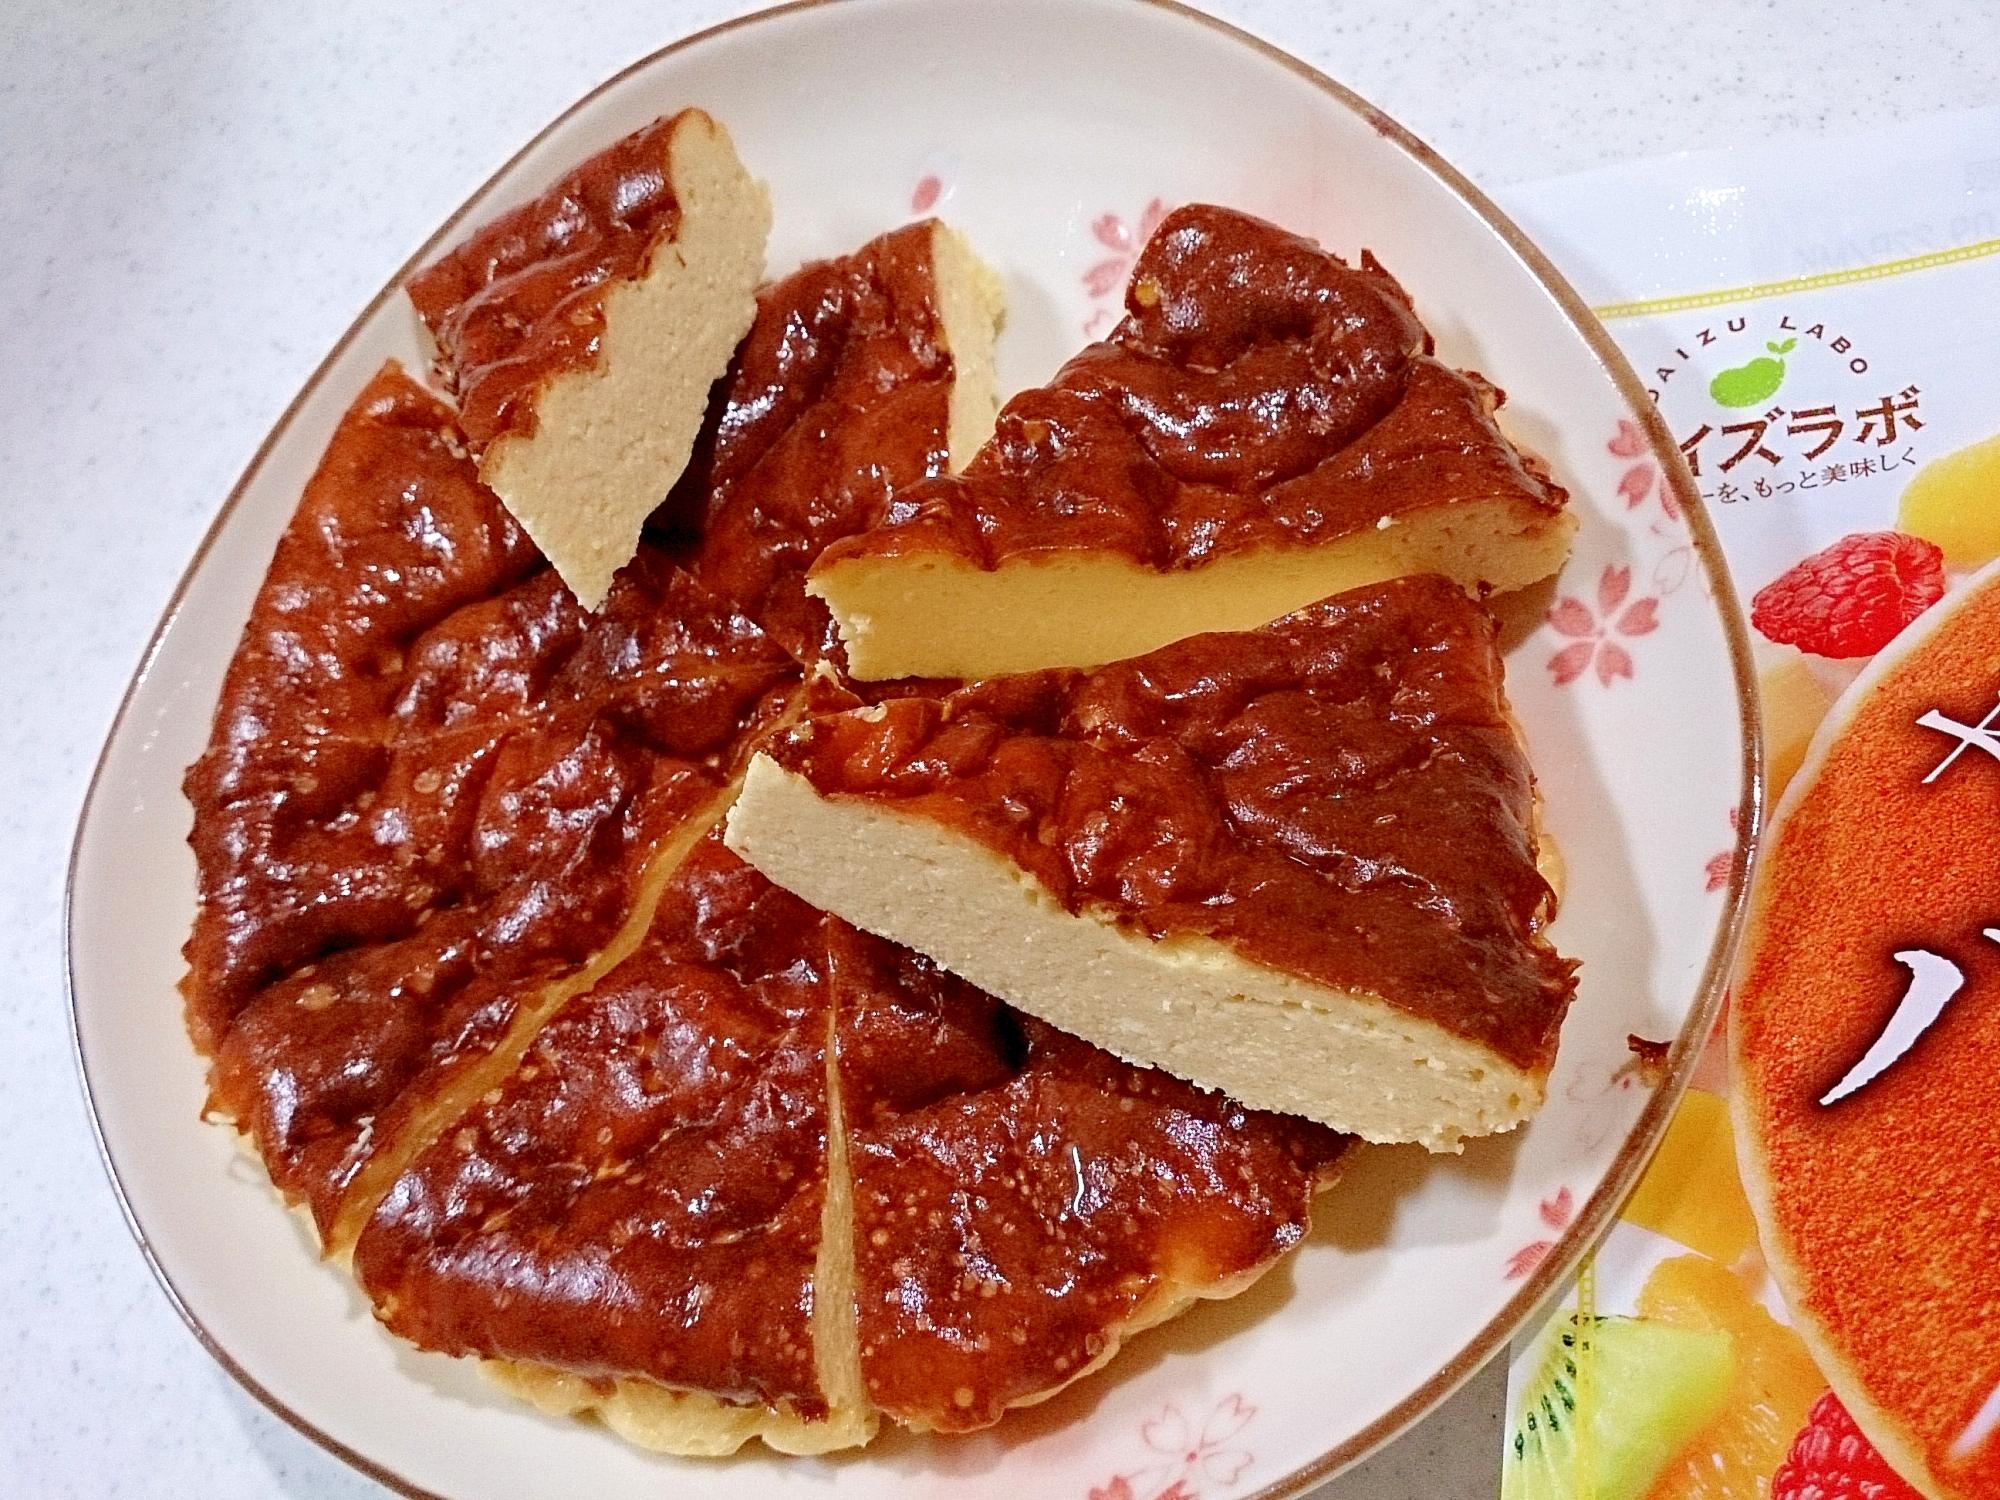 大豆粉いりベイクドチーズケーキ(ノンフライヤー)